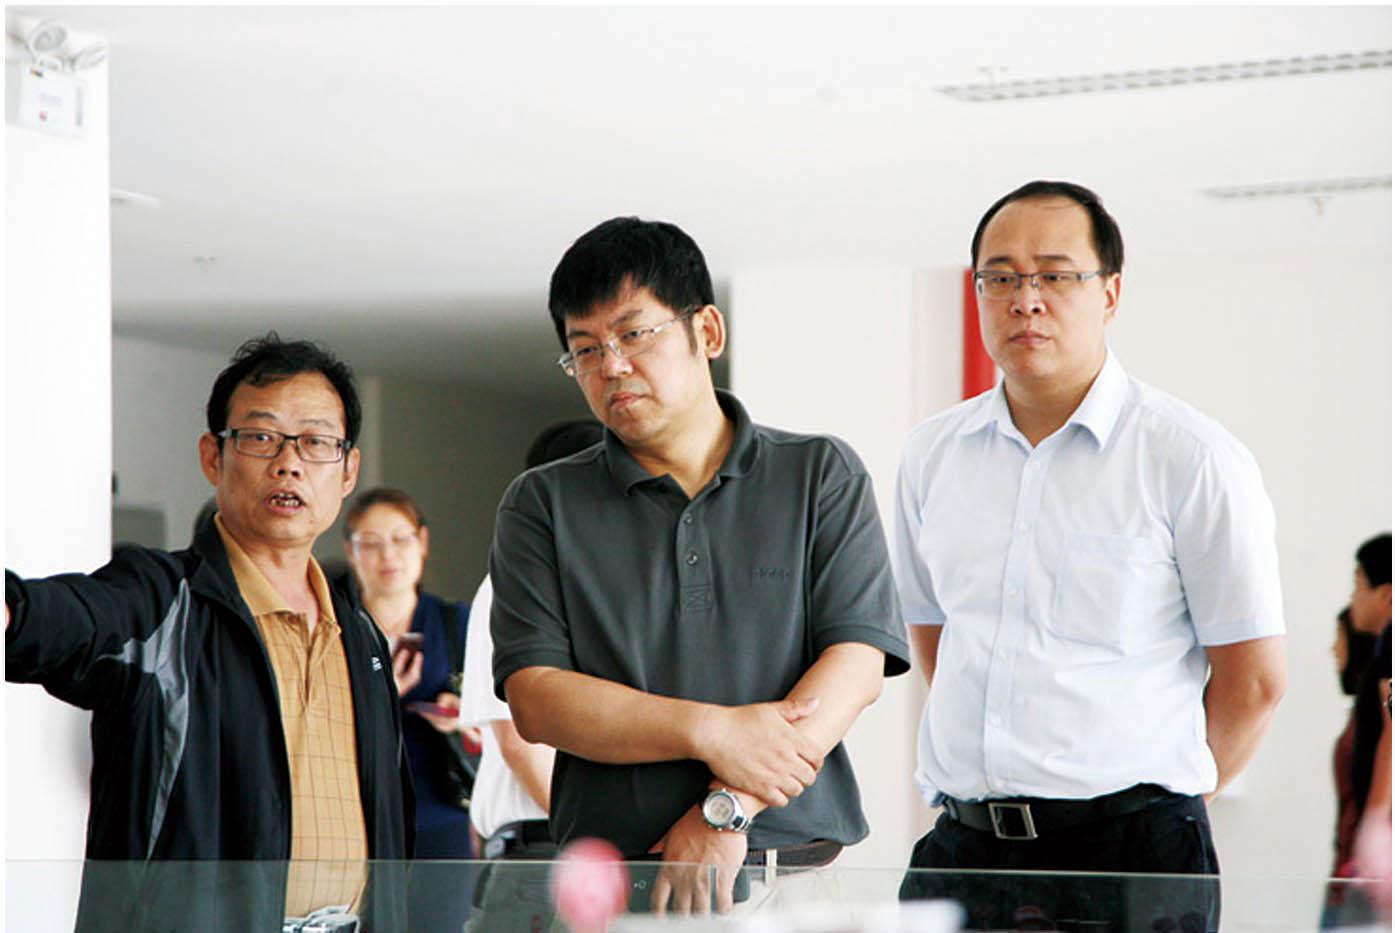 2012年6月26日,教育部发展规划司副司长张泰青(中)一行莅临安宁校区调研